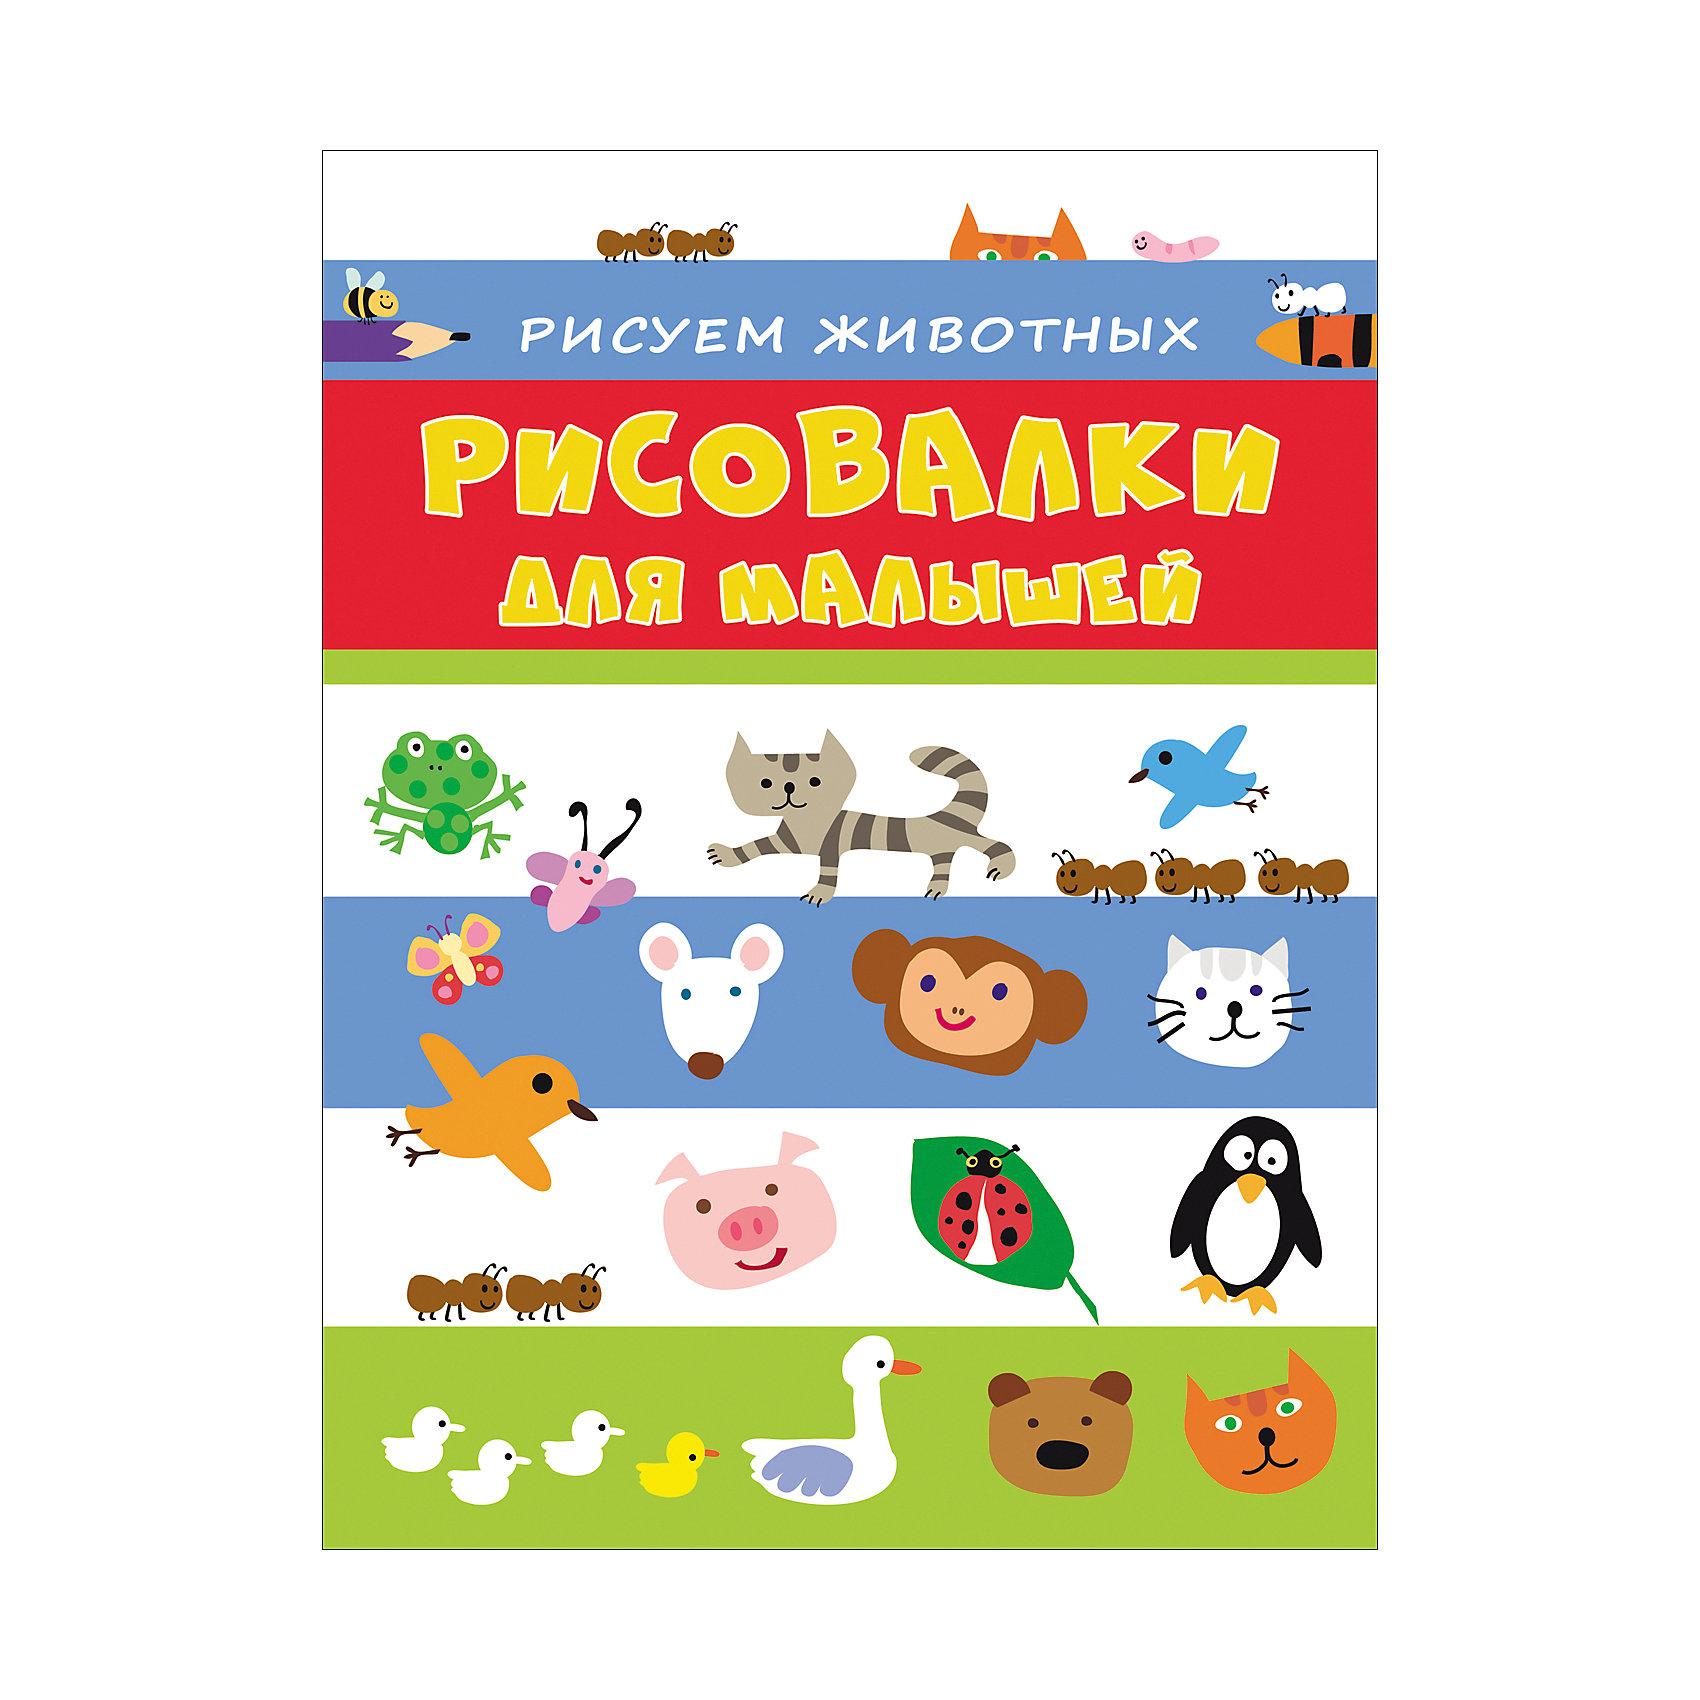 Рисовалки для малышей: рисуем животныхРосмэн<br>Рисовалки для малышей. Рисуем животных<br><br>Характеристики:<br><br>• ISBN: 9785353082279<br>• Количество страниц: 32<br>• Формат: А4<br>• Обложка: твердая <br>• Материал: картон<br><br>Эта книга учит детей рисовать  - начиная от отдельных элементов и заканчивая общей картинкой. Это необычная раскраска, это настоящий простор для фантазии с легкими заданиями! Рисование развивает мелкую моторику детей и способствует развитию воображения и творческого начала. Это пособие поможет детям обучаться увлекательно и совершенствоваться день ото дня! Прогресс можно проследить от первого до последнего рисунка. <br><br>Рисовалки для малышей. Рисуем животных можно купить в нашем интернет-магазине.<br><br>Ширина мм: 280<br>Глубина мм: 212<br>Высота мм: 20<br>Вес г: 139<br>Возраст от месяцев: -2147483648<br>Возраст до месяцев: 2147483647<br>Пол: Унисекс<br>Возраст: Детский<br>SKU: 5507130